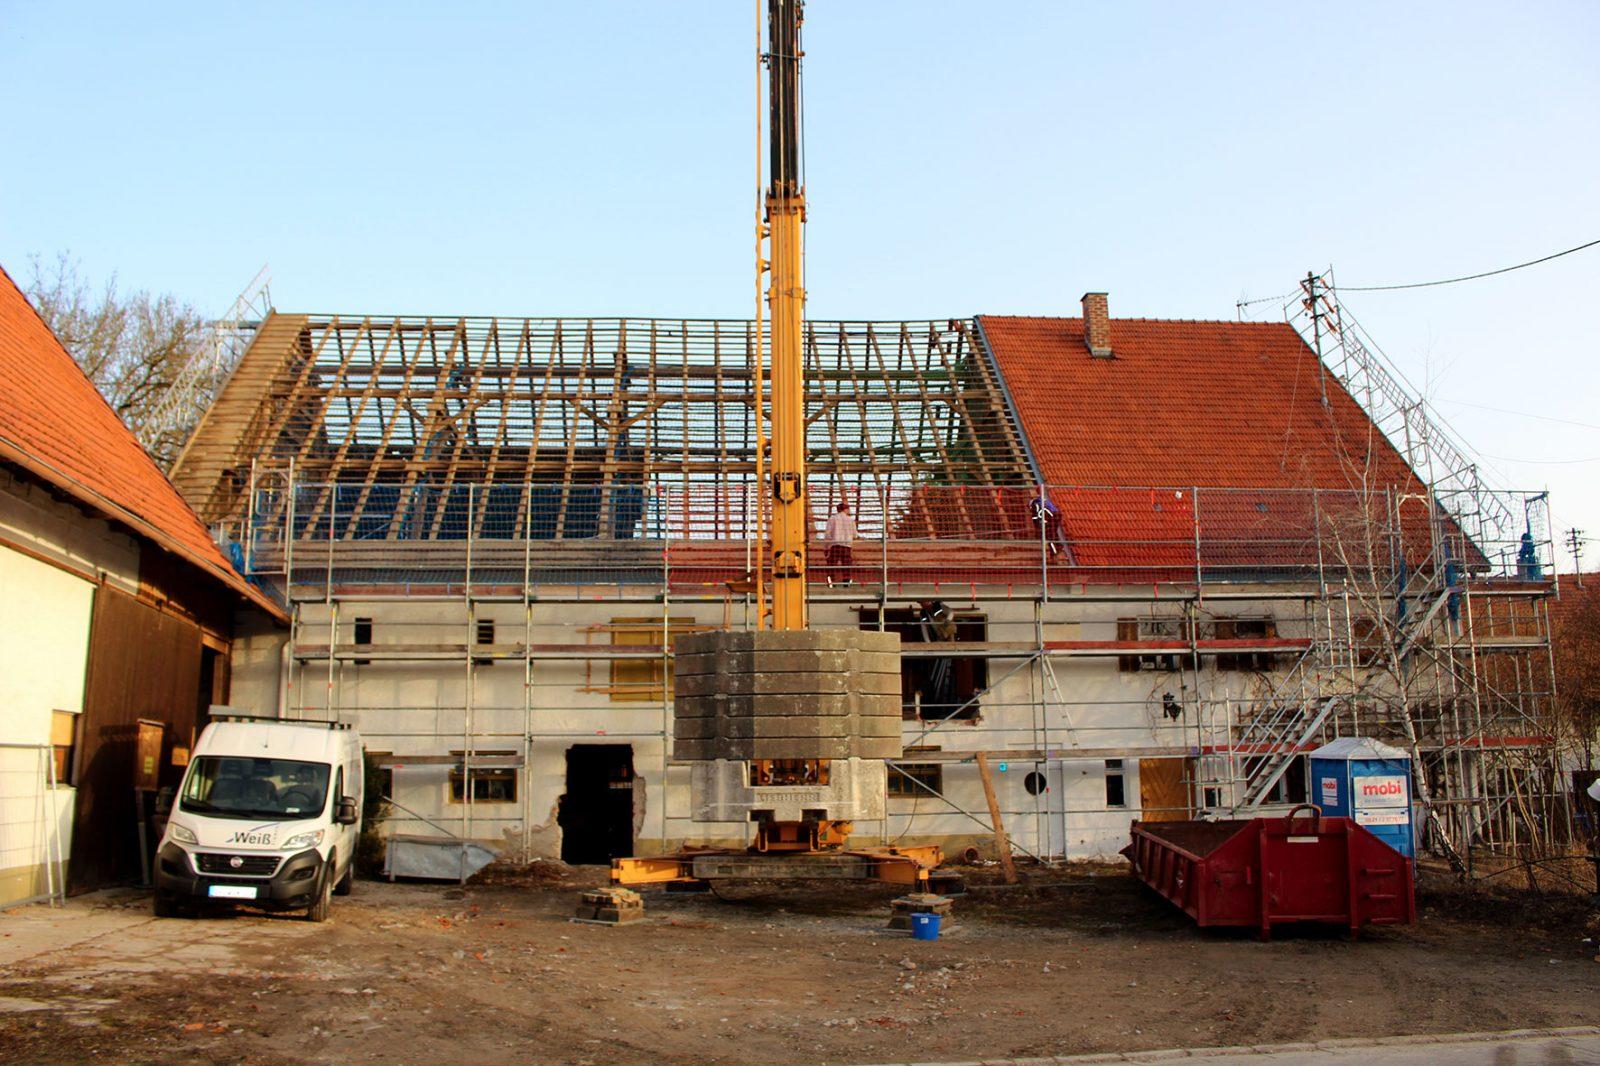 Baustelle Weicht